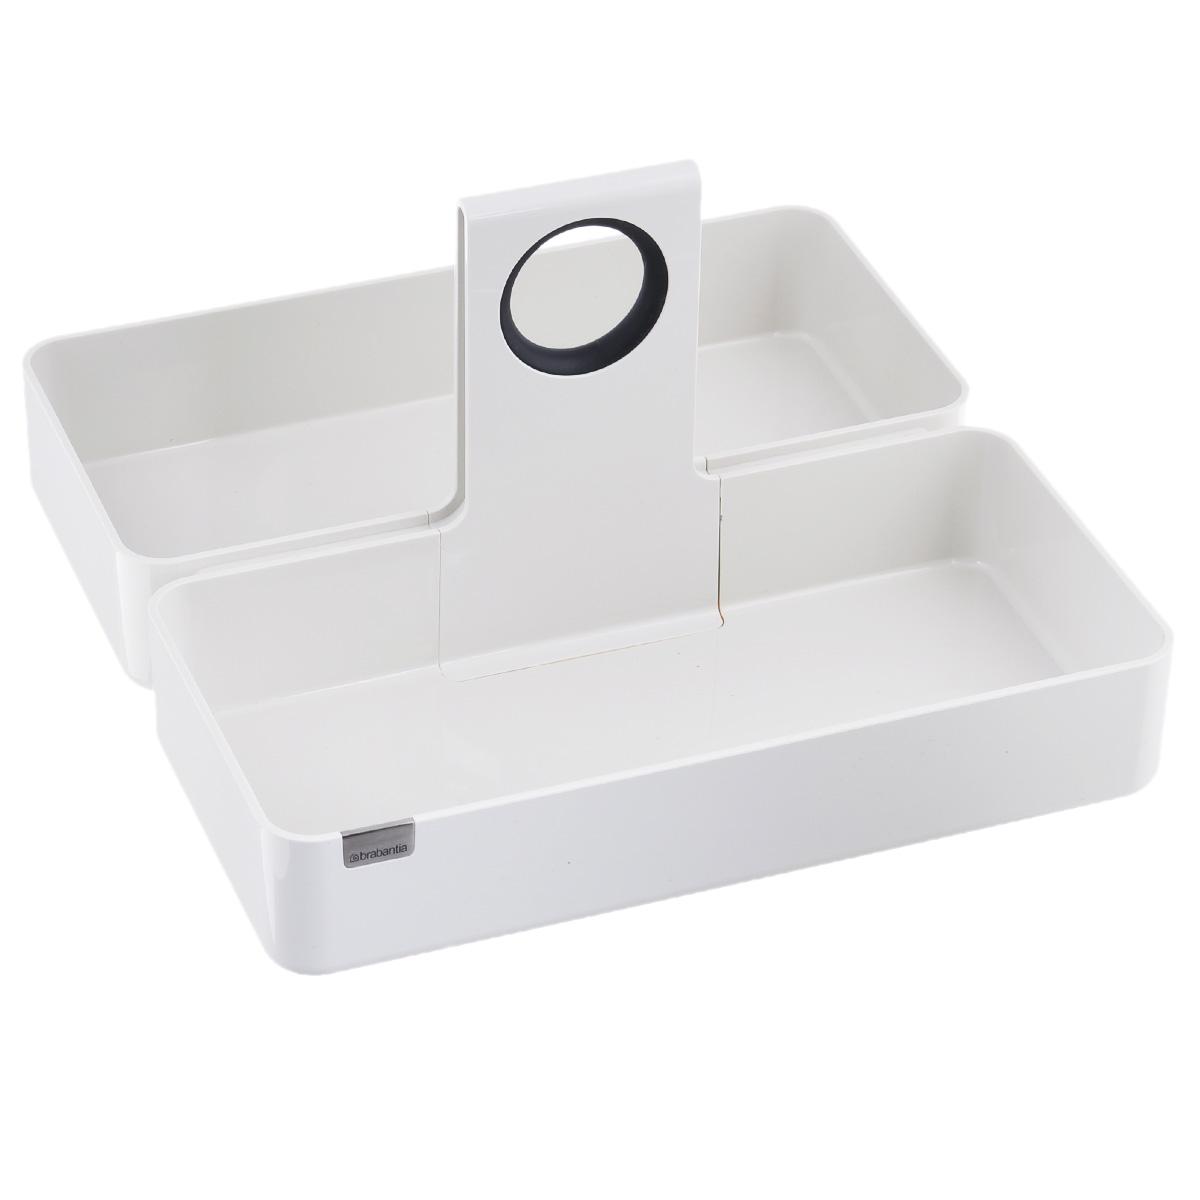 Кухонная подставка-органайзер Brabantia, цвет: белый, 34,5 х 34,5 см423529Кухонная подставка-органайзер Brabantia, выполненная из высококачественного пластика, подойдет для всех распространенных размеров кухонных ящиков и шкафов. Модульная конструкция позволяет экономить и эффективно организовывать пространство. Органайзеры имеют стильный дизайн и одинаково хорошо будут смотреться на обеденном столе или рабочей поверхности. Идеально подходят для хранения вещей в оригинальной упаковке (рис, макаронные изделия и т.д.). Противоскользящие накладки на дне подставки предупреждают перемещение подставки в ящике. Может использоваться с корзинкой для хлеба. Легко чистится благодаря гладким формам. Размер подставки-органайзера (ДхШхВ): 34,5 см х 34,5 см х 20 см.